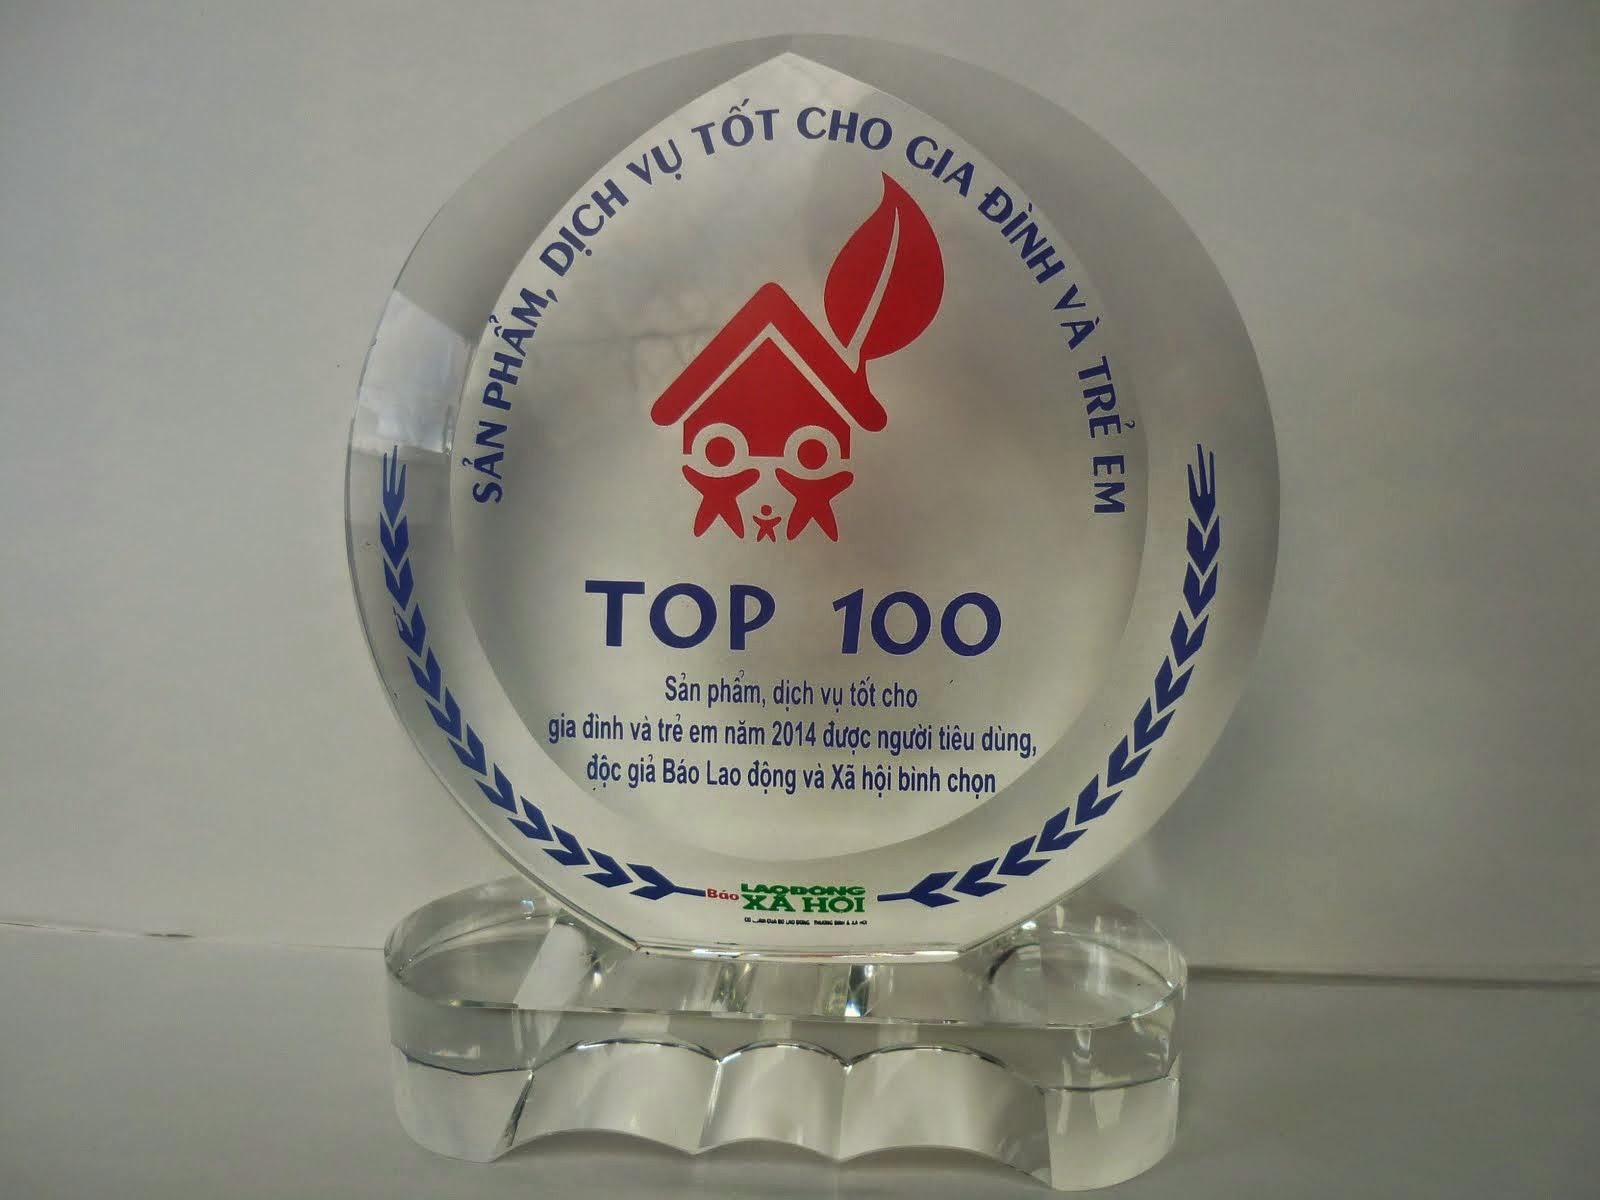 TOP 100 SẢN PHẨM TỐT CHO GIA ĐÌNH VÀ TRẺ EM